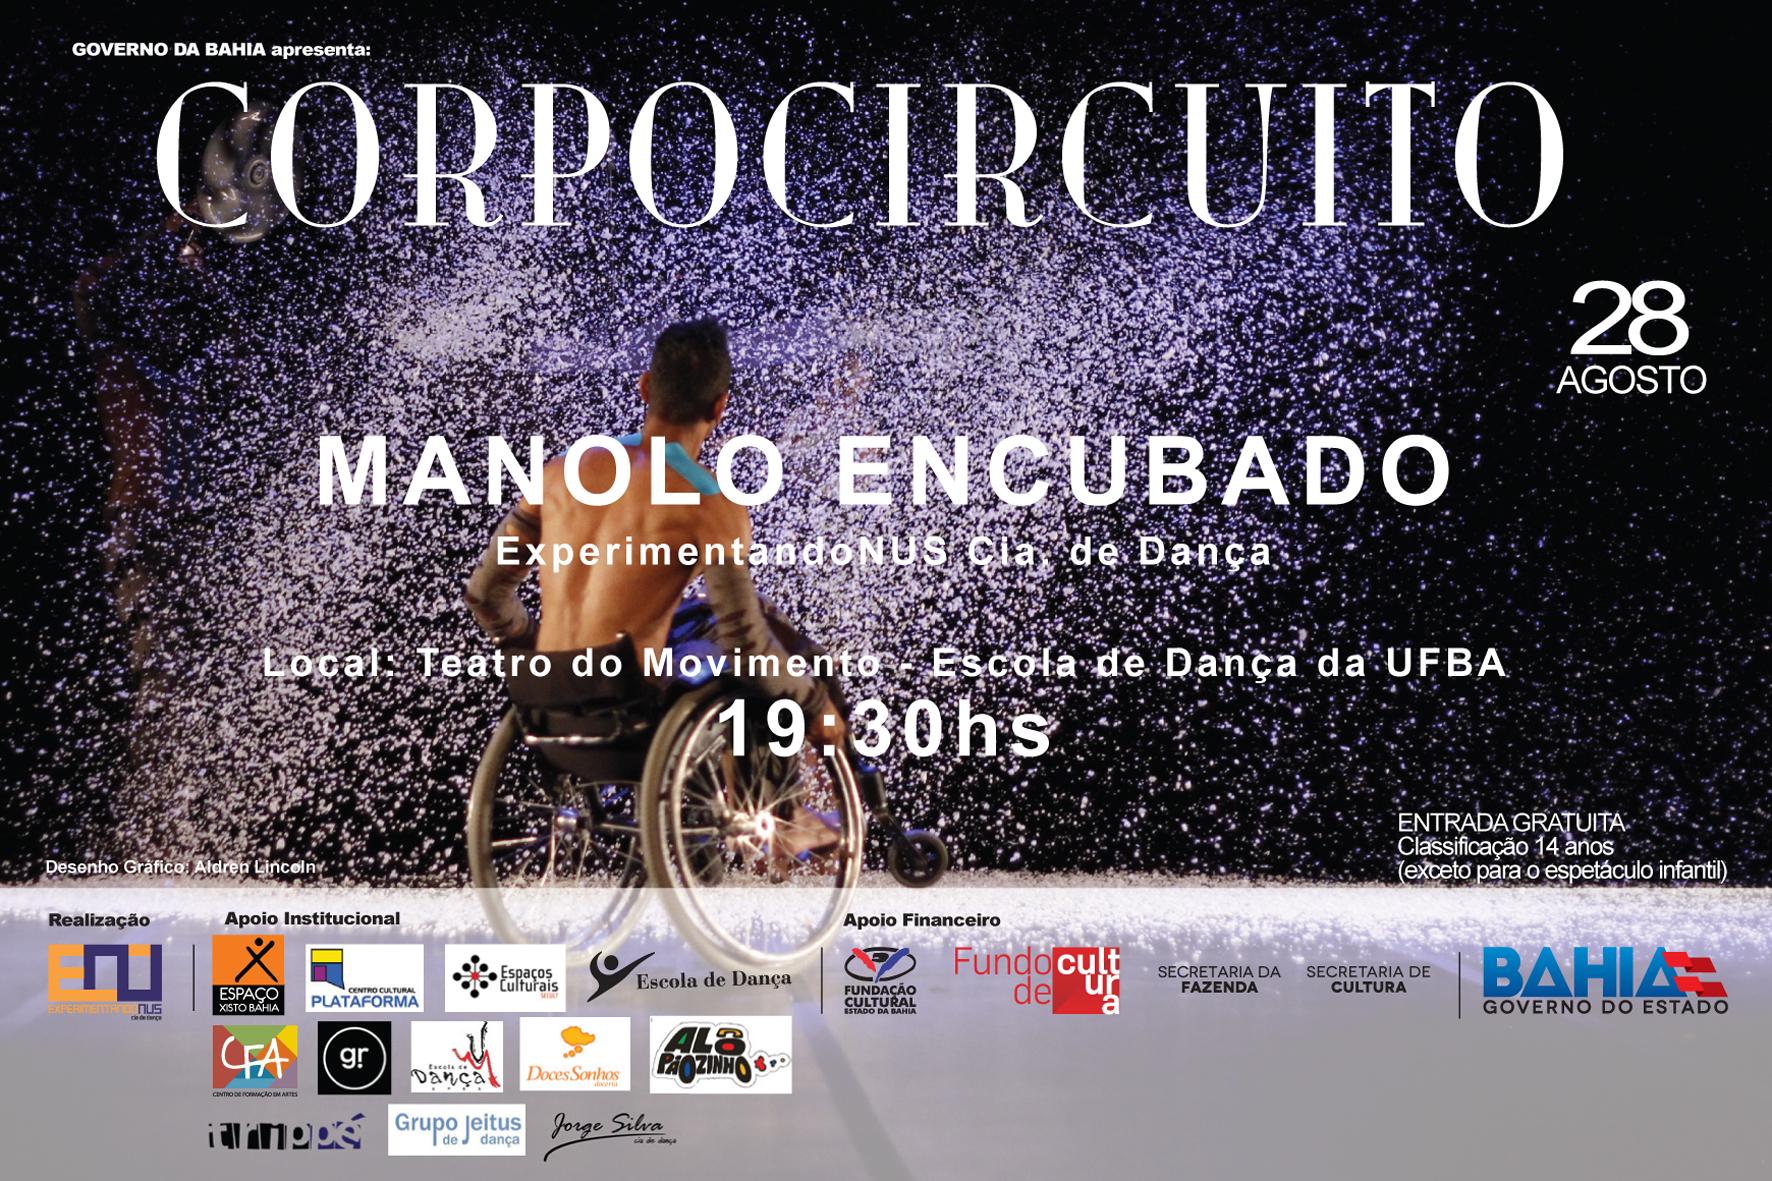 Teatro do Movimento daEscola de Dança da UFBA sedia espetáculos do projeto CORPOCIRCUITO